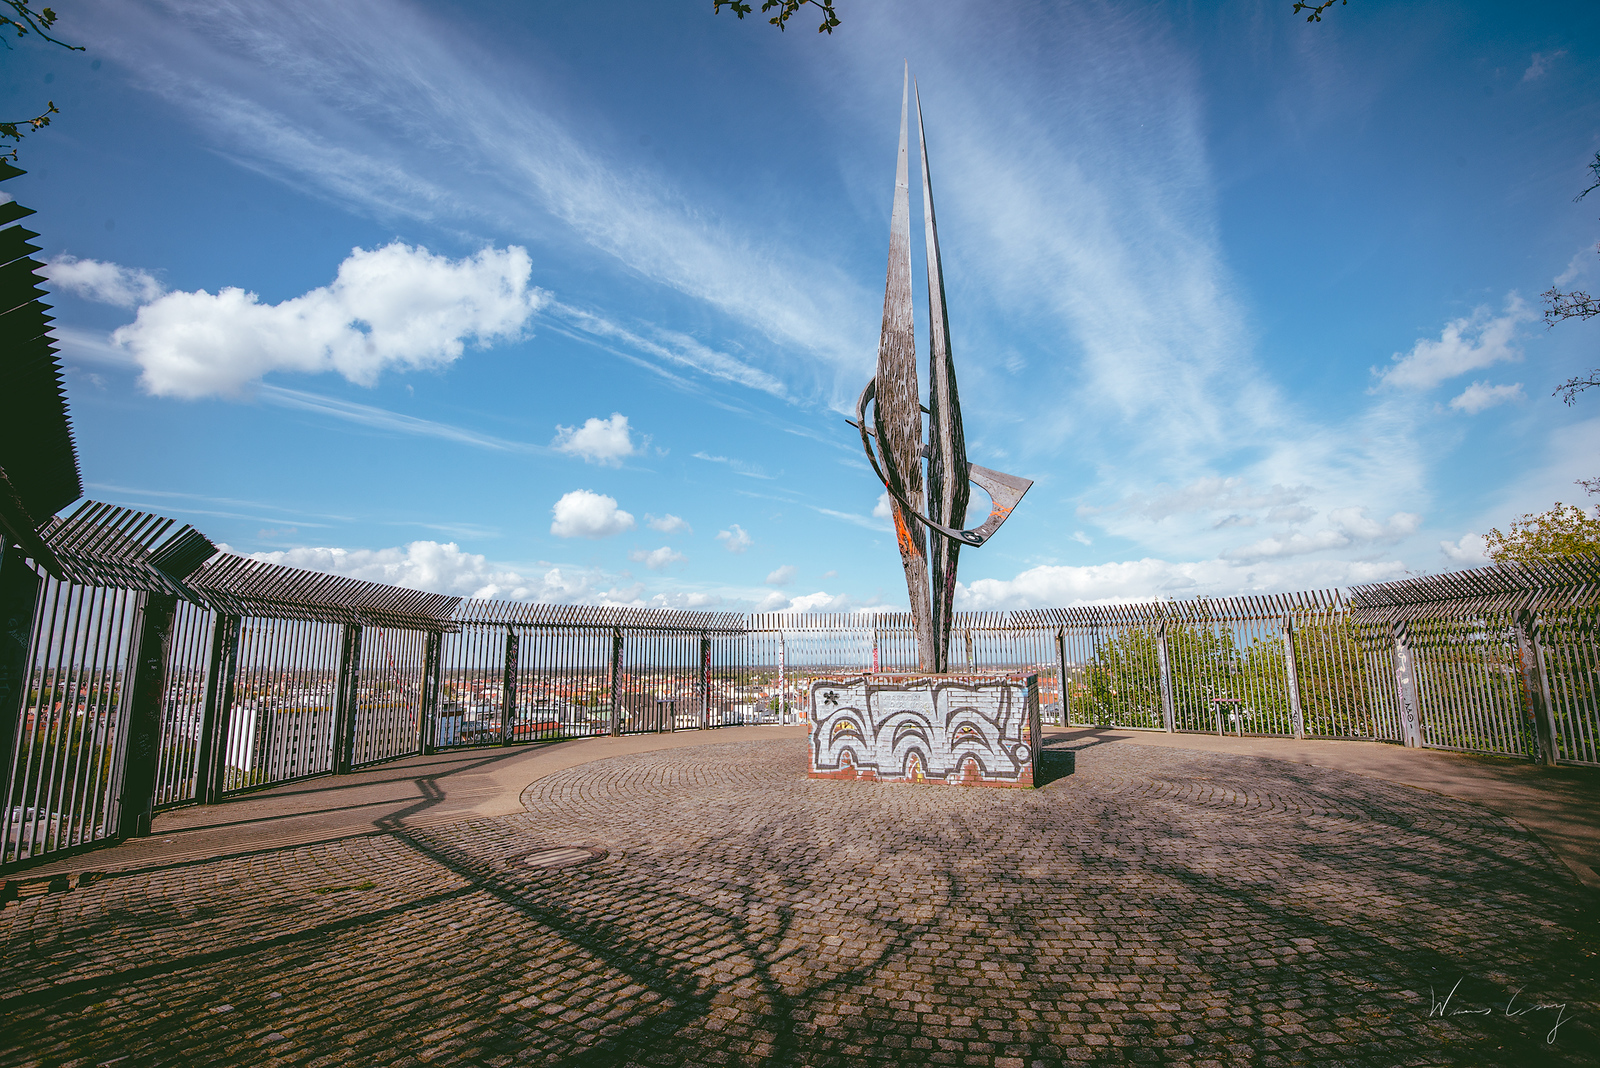 深入柏林納粹防空塔廢墟 見證希特勒的狂妄幻想 by 旅行攝影師張威廉 Wilhelm Chang